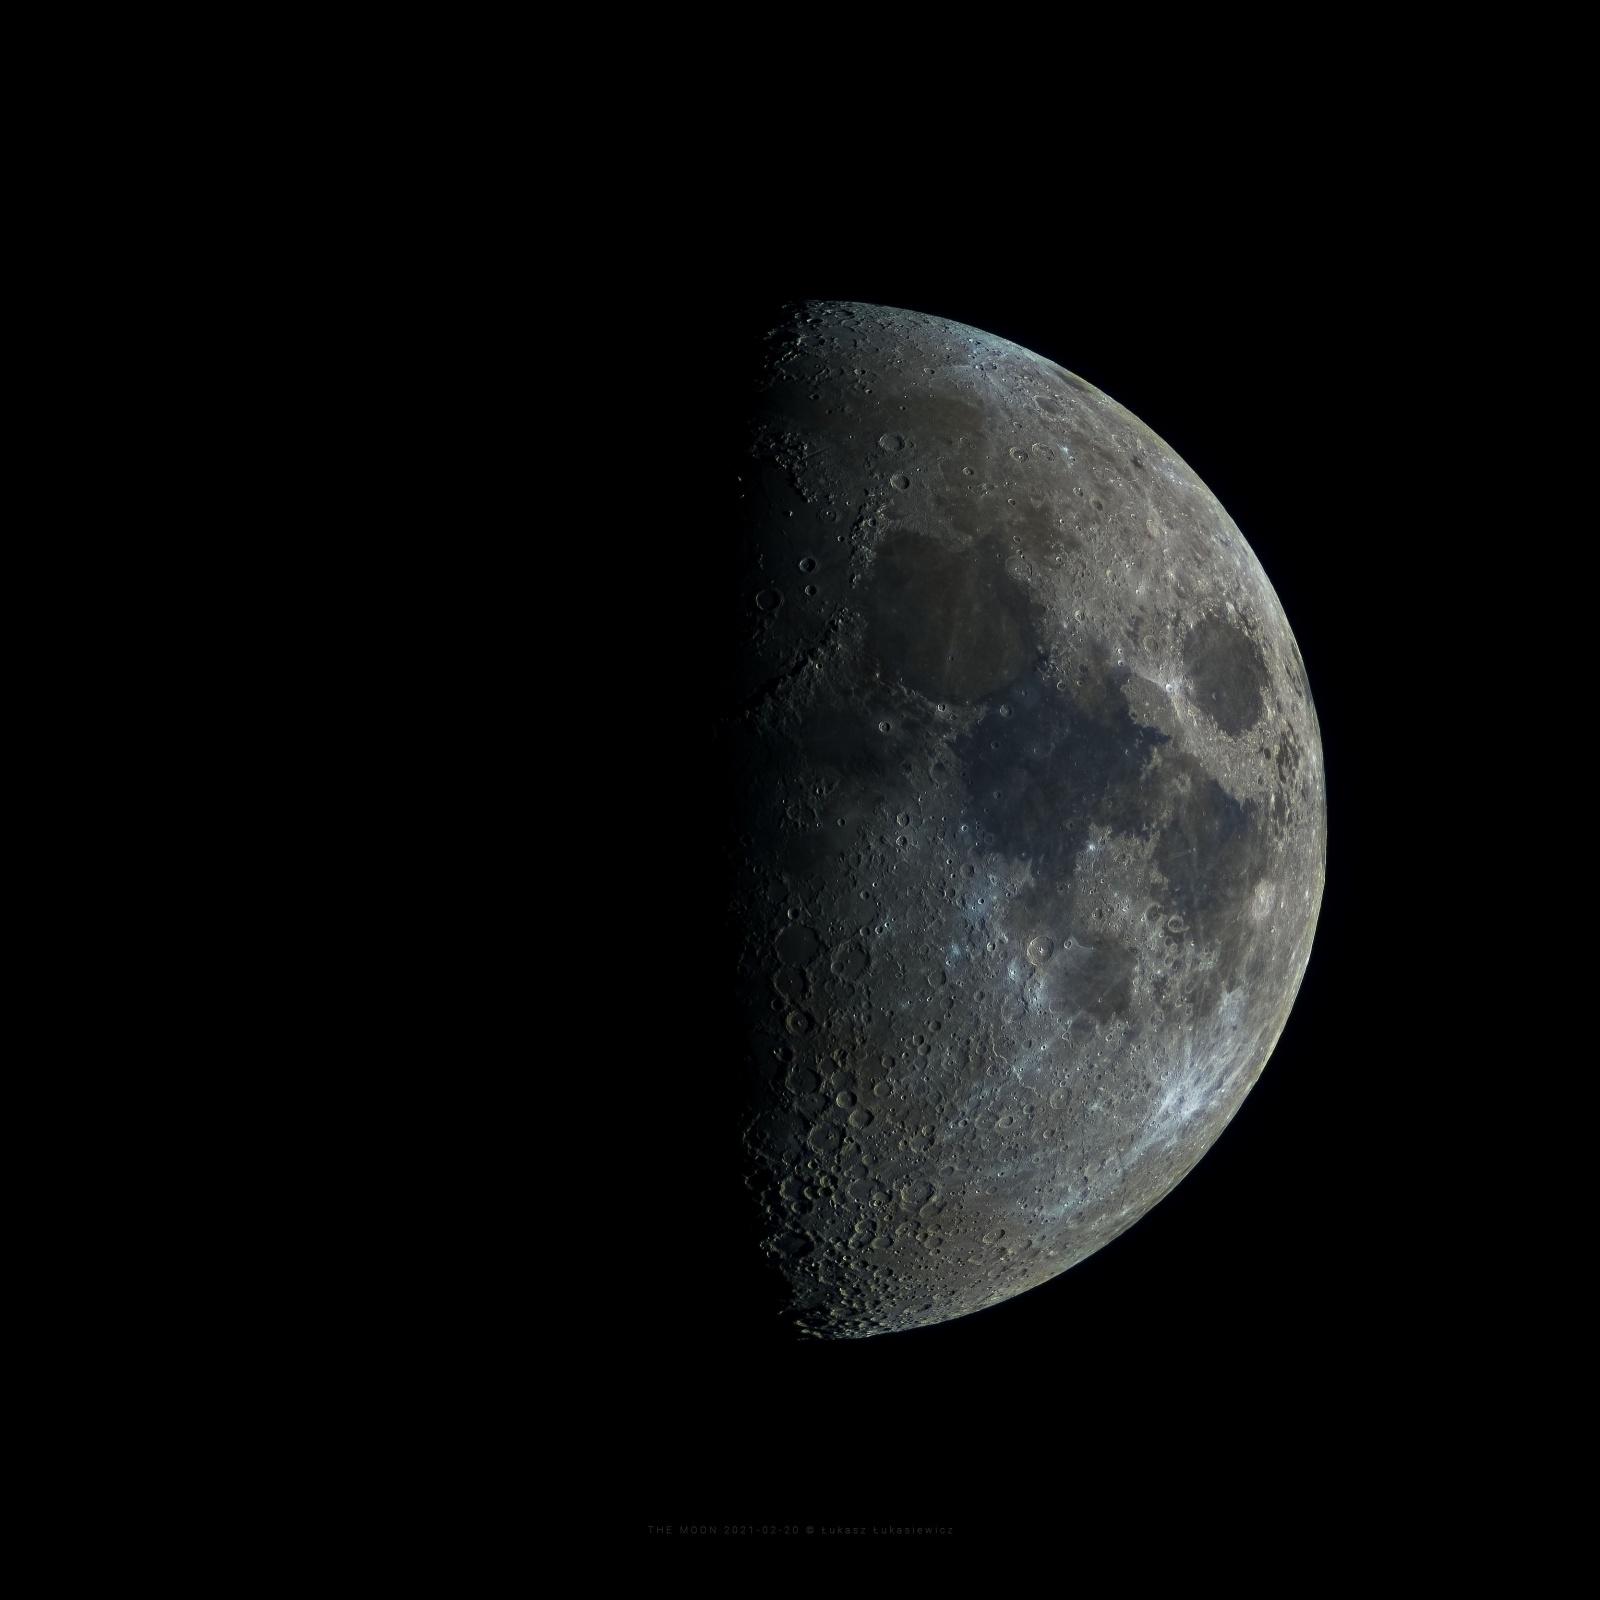 THE-MOON-2020-02-20.jpg